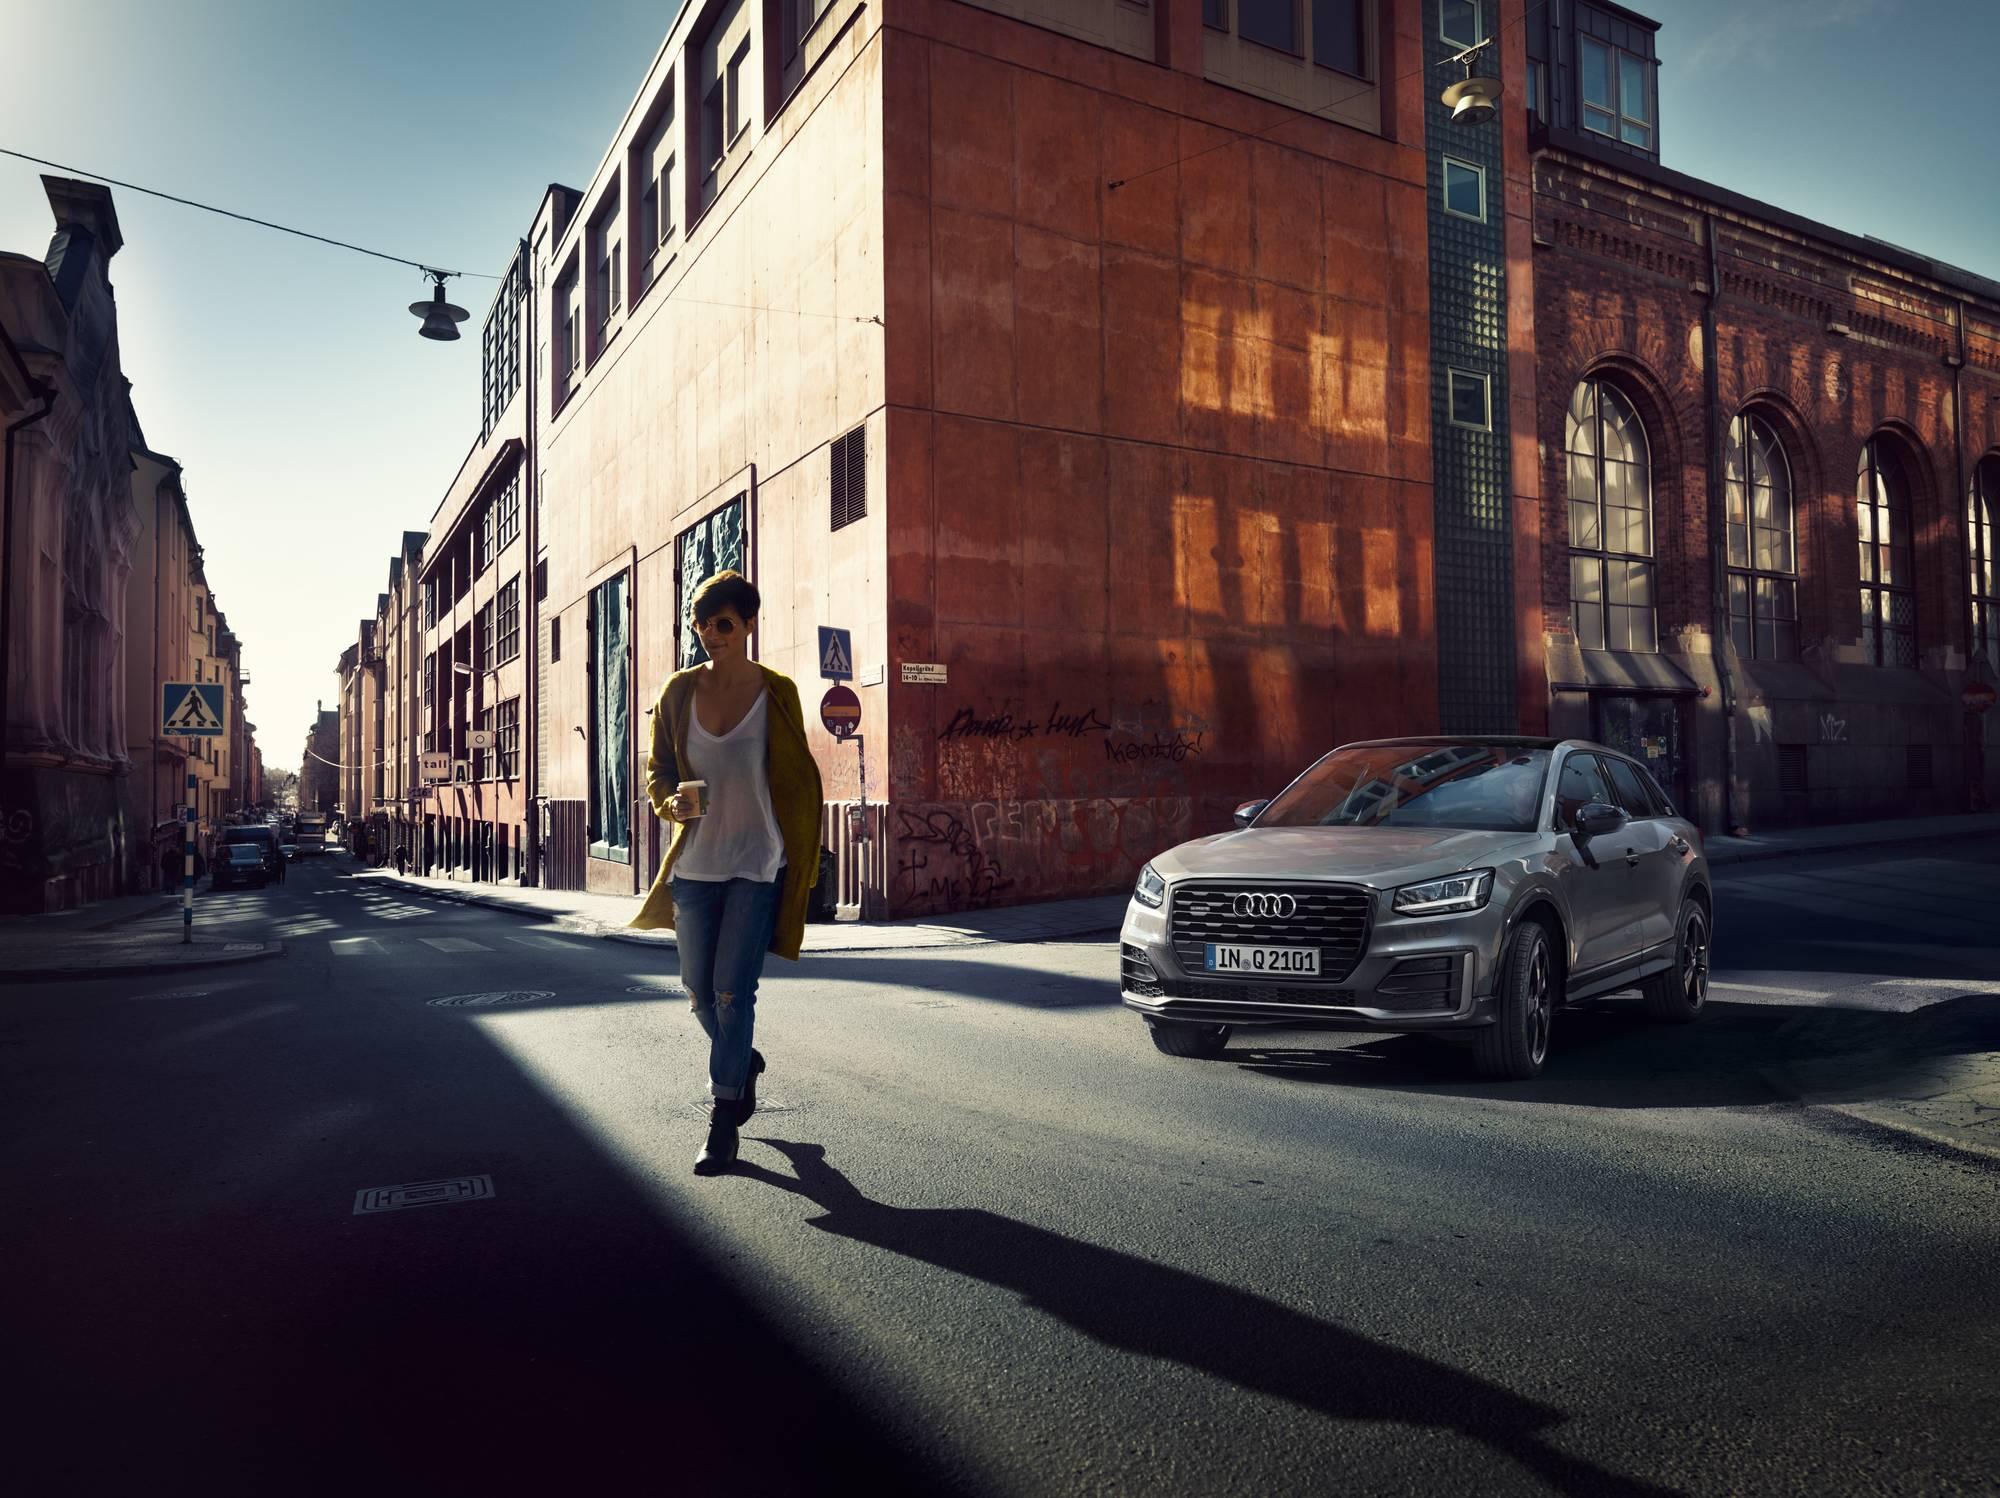 Urbaine, élégante, en vogue, l'Audi Q2 multiplie les visages au gré de votre personnalité. #untaggable https://t.co/S1TQgI623m